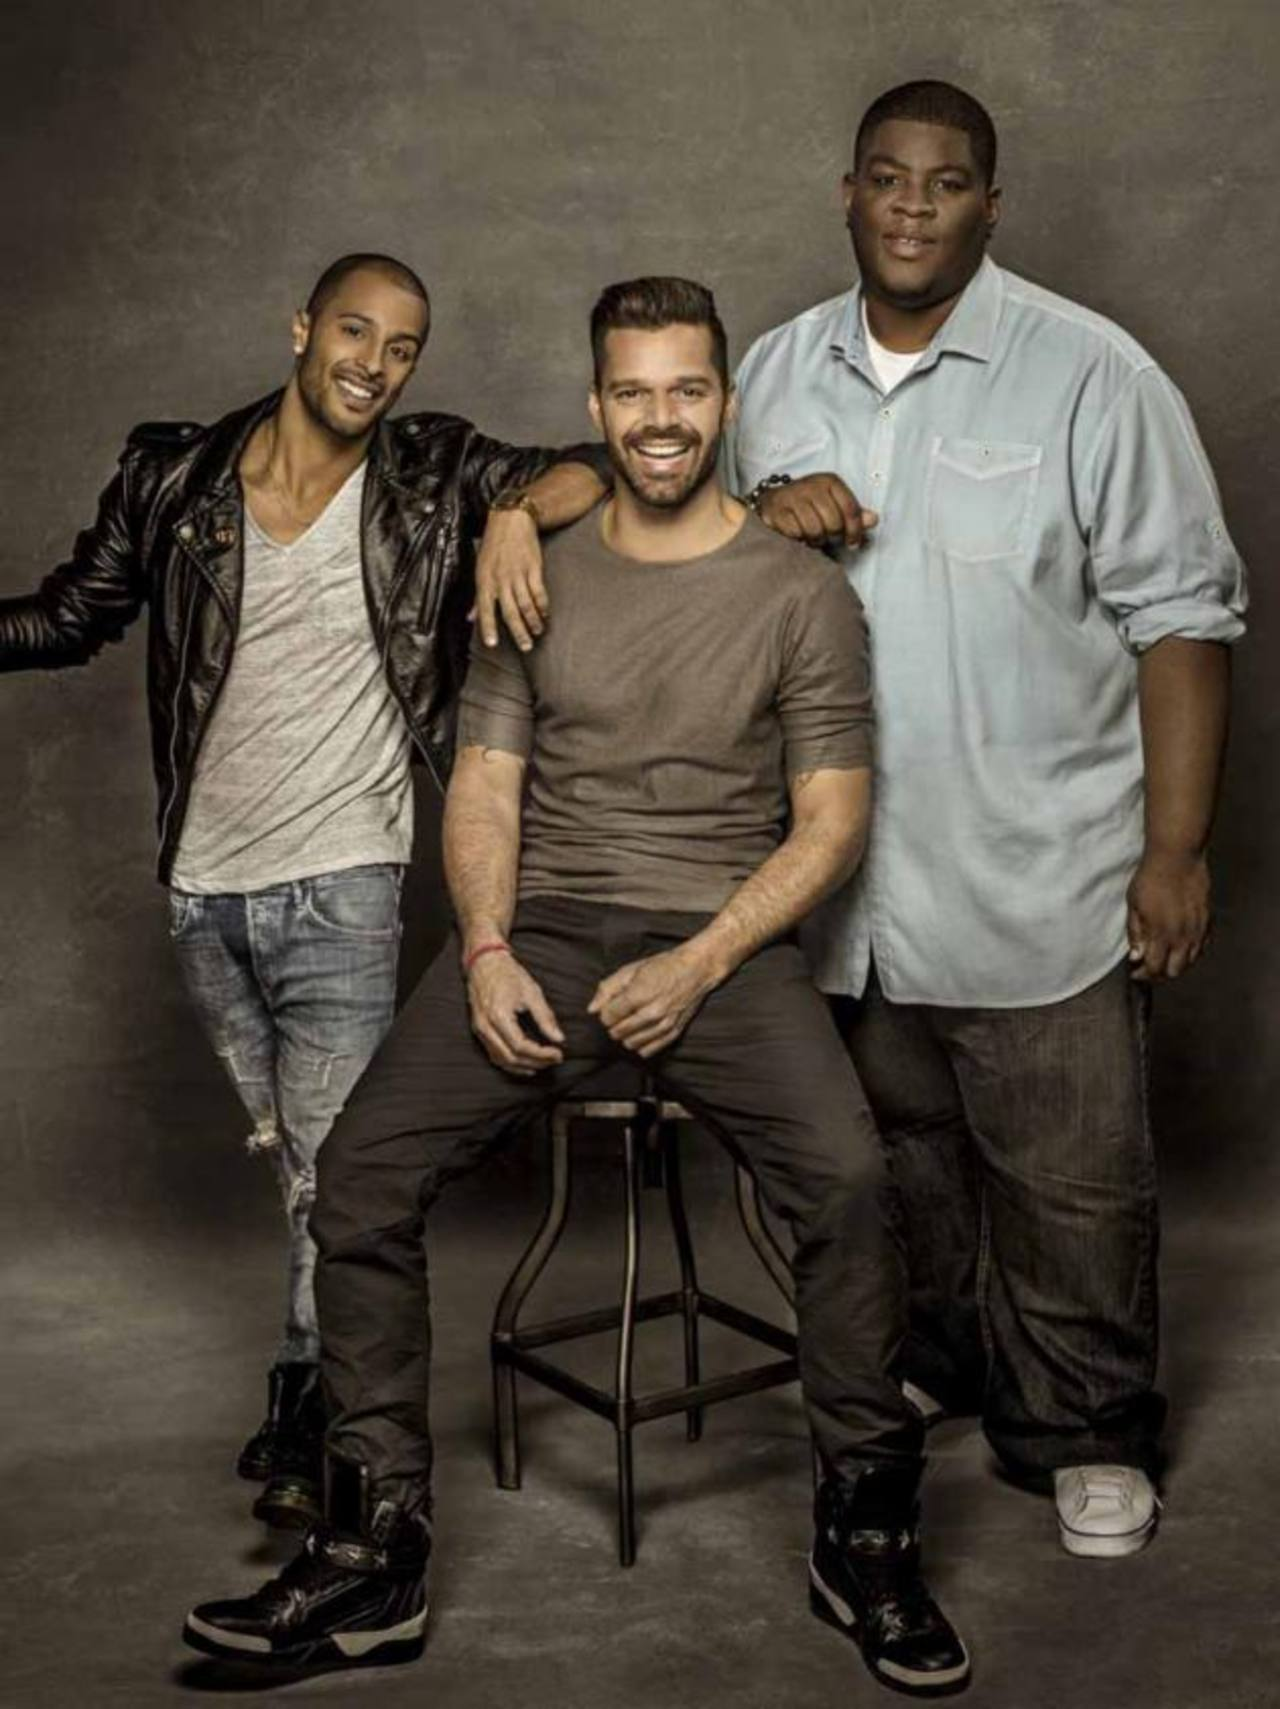 """El compositor Elijah King, el cantante Ricky Martin y el productor Salaam Remi, equipo creador del tema musical """"Vida""""."""